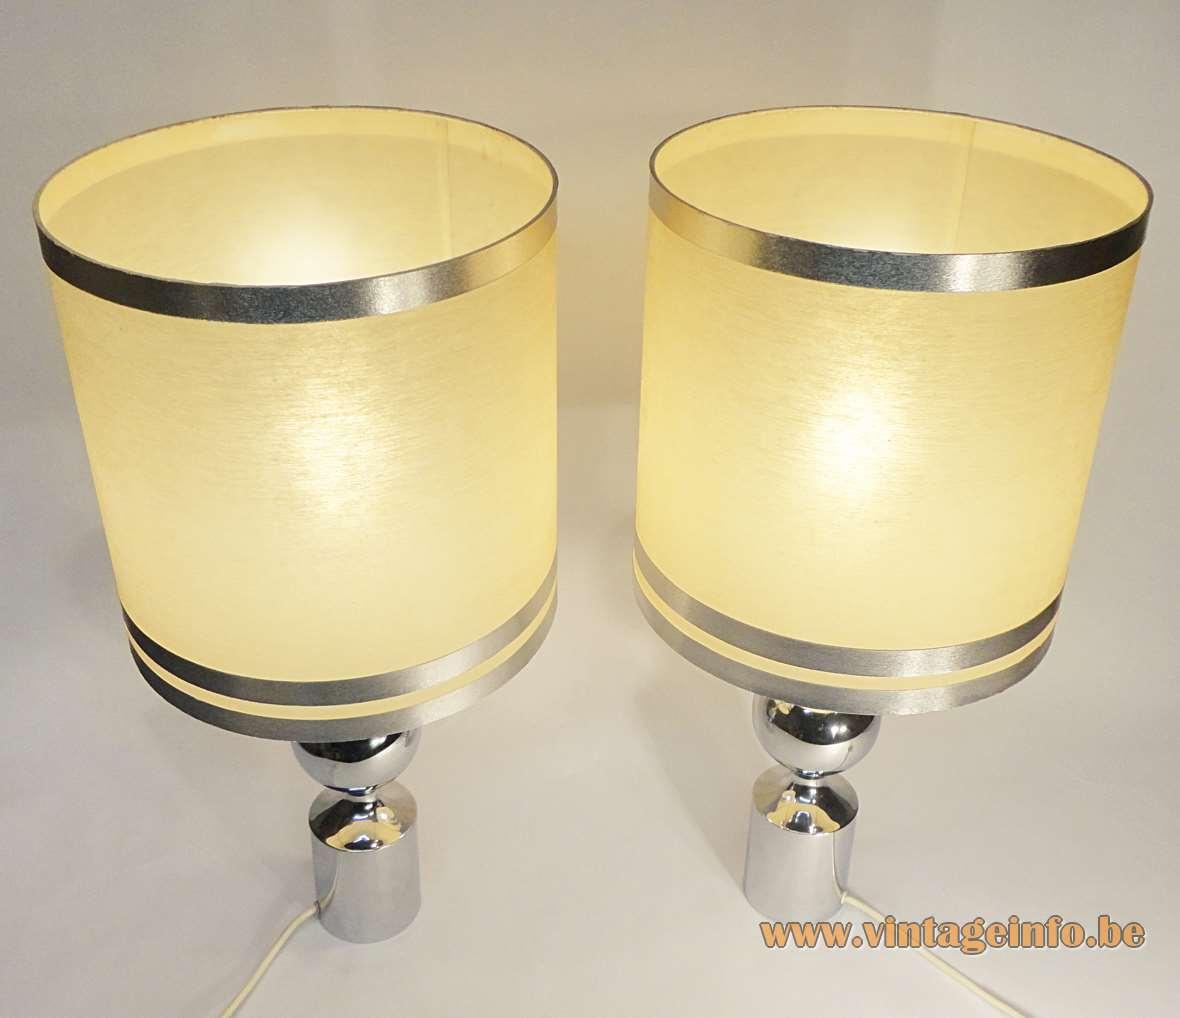 Hustadt-Leuchten Chrome Table Lamps